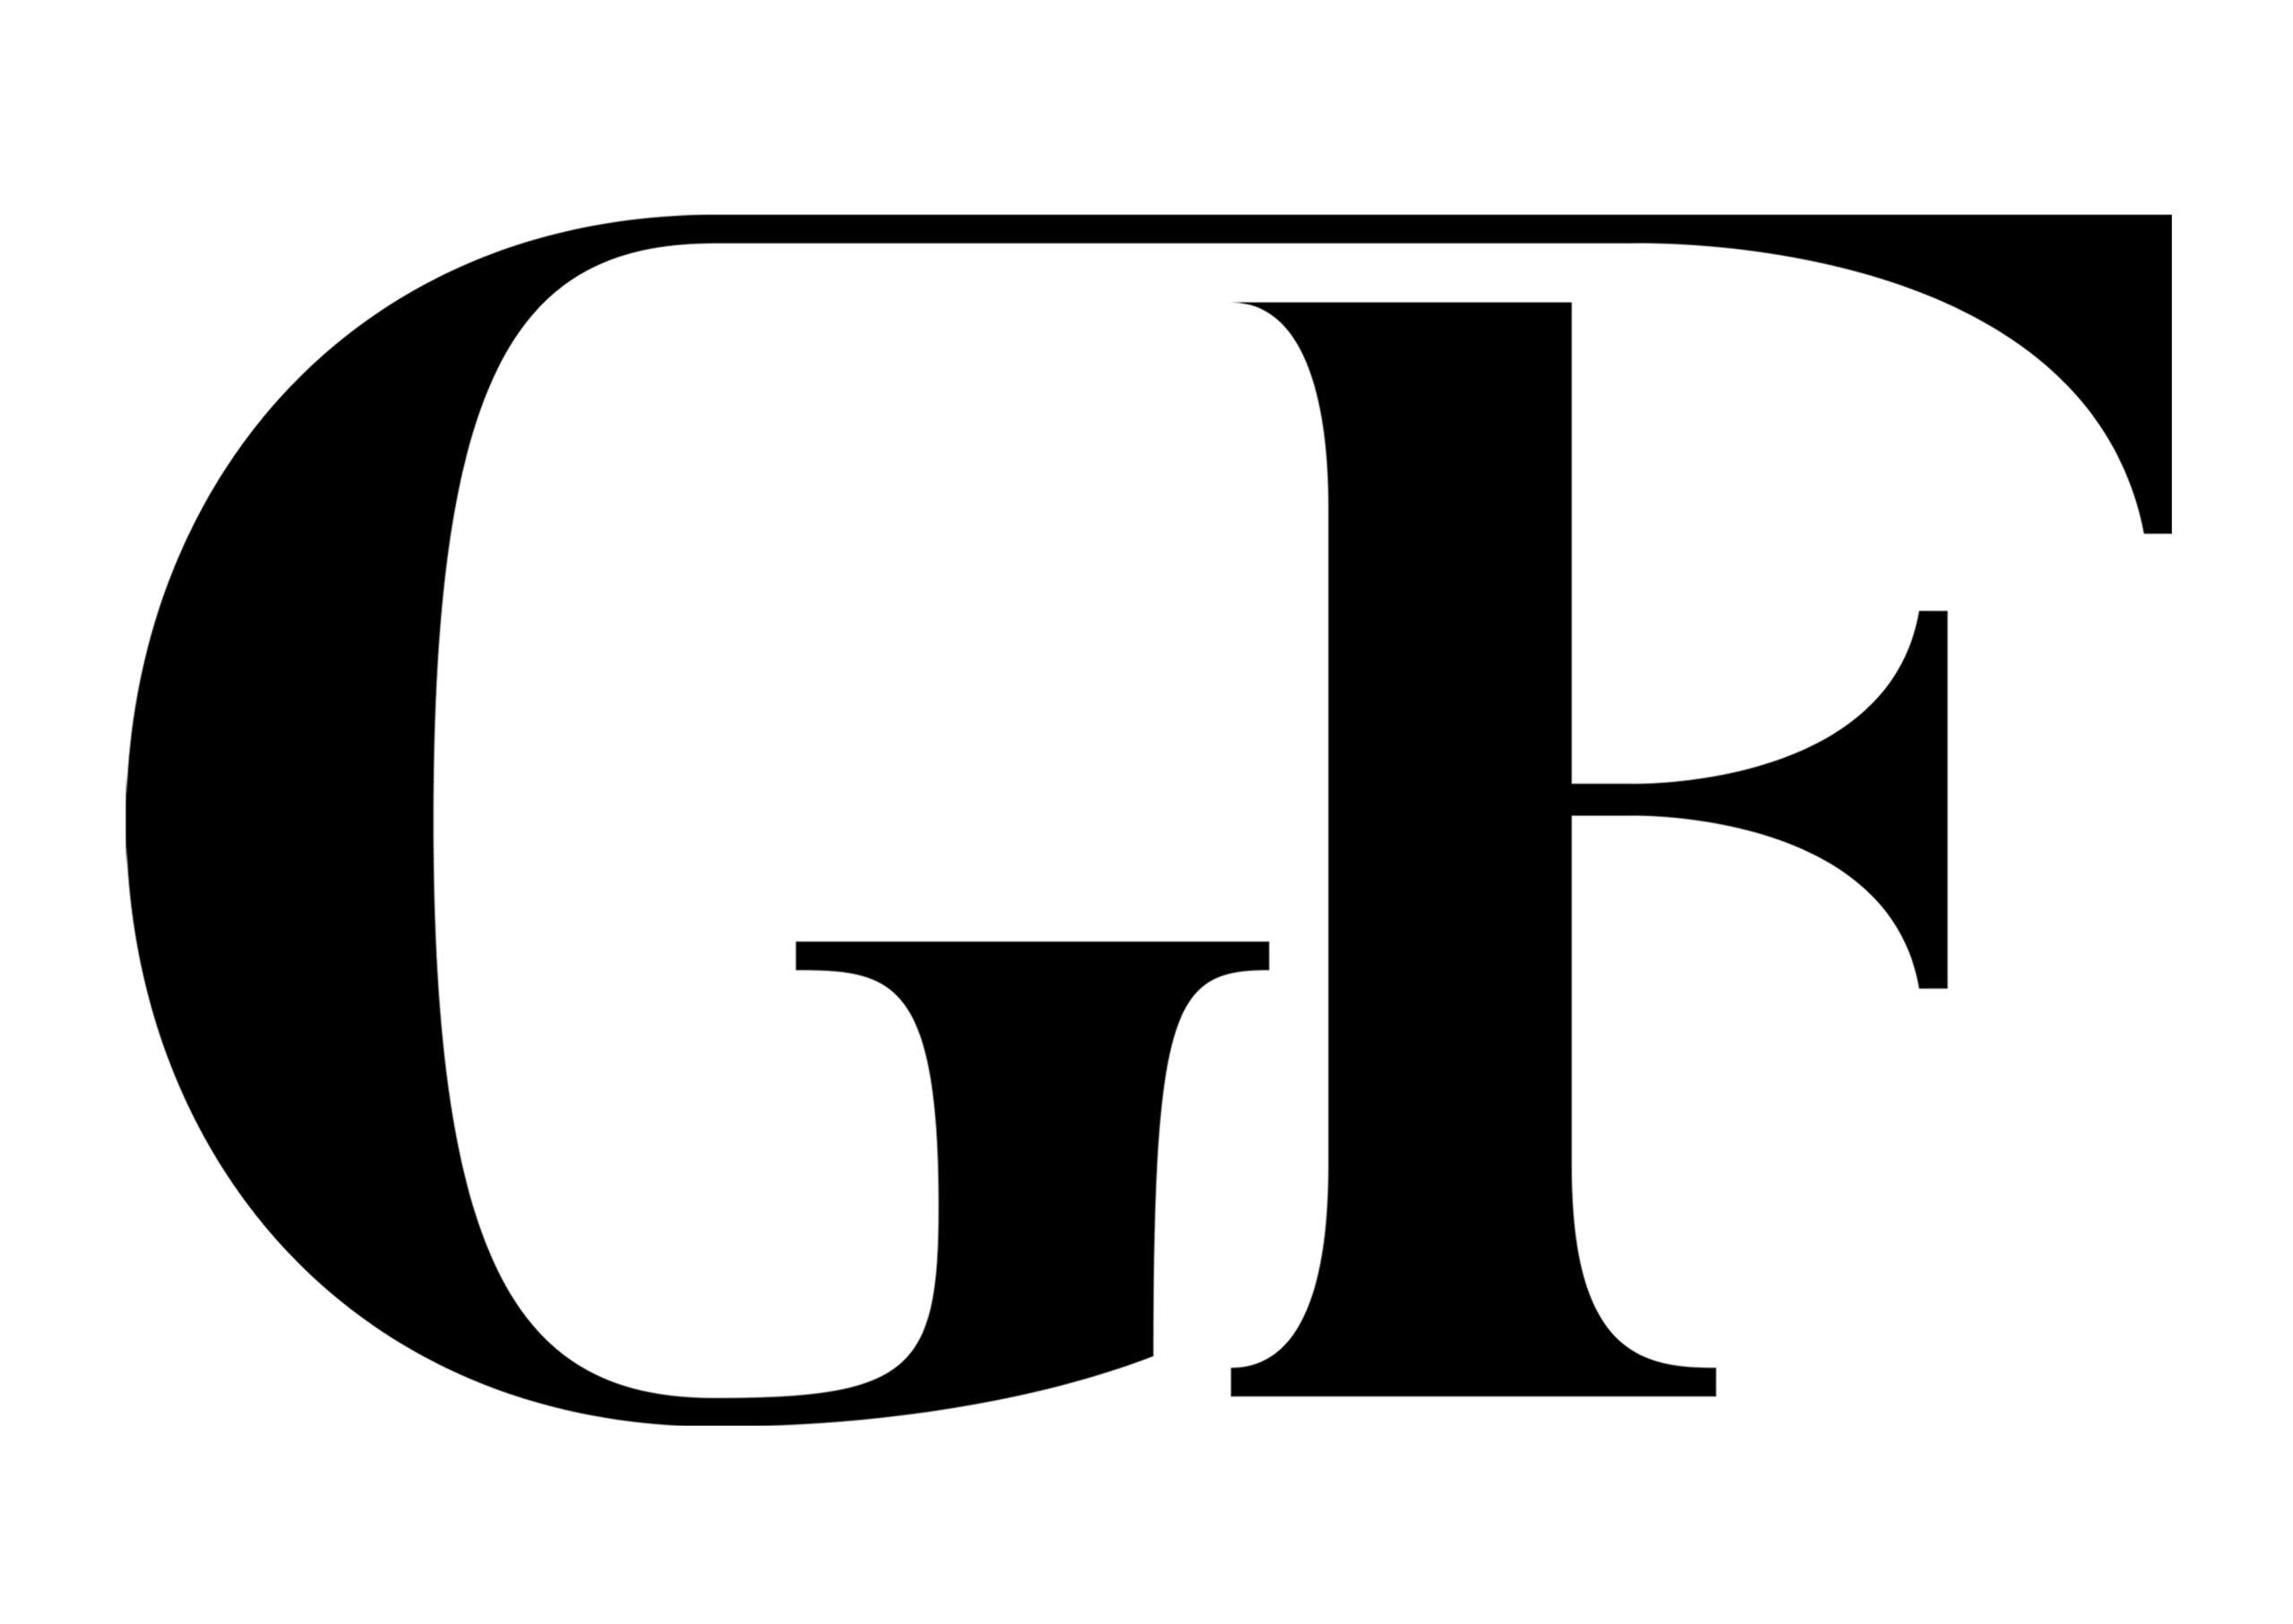 gmiand-logo-icon-black